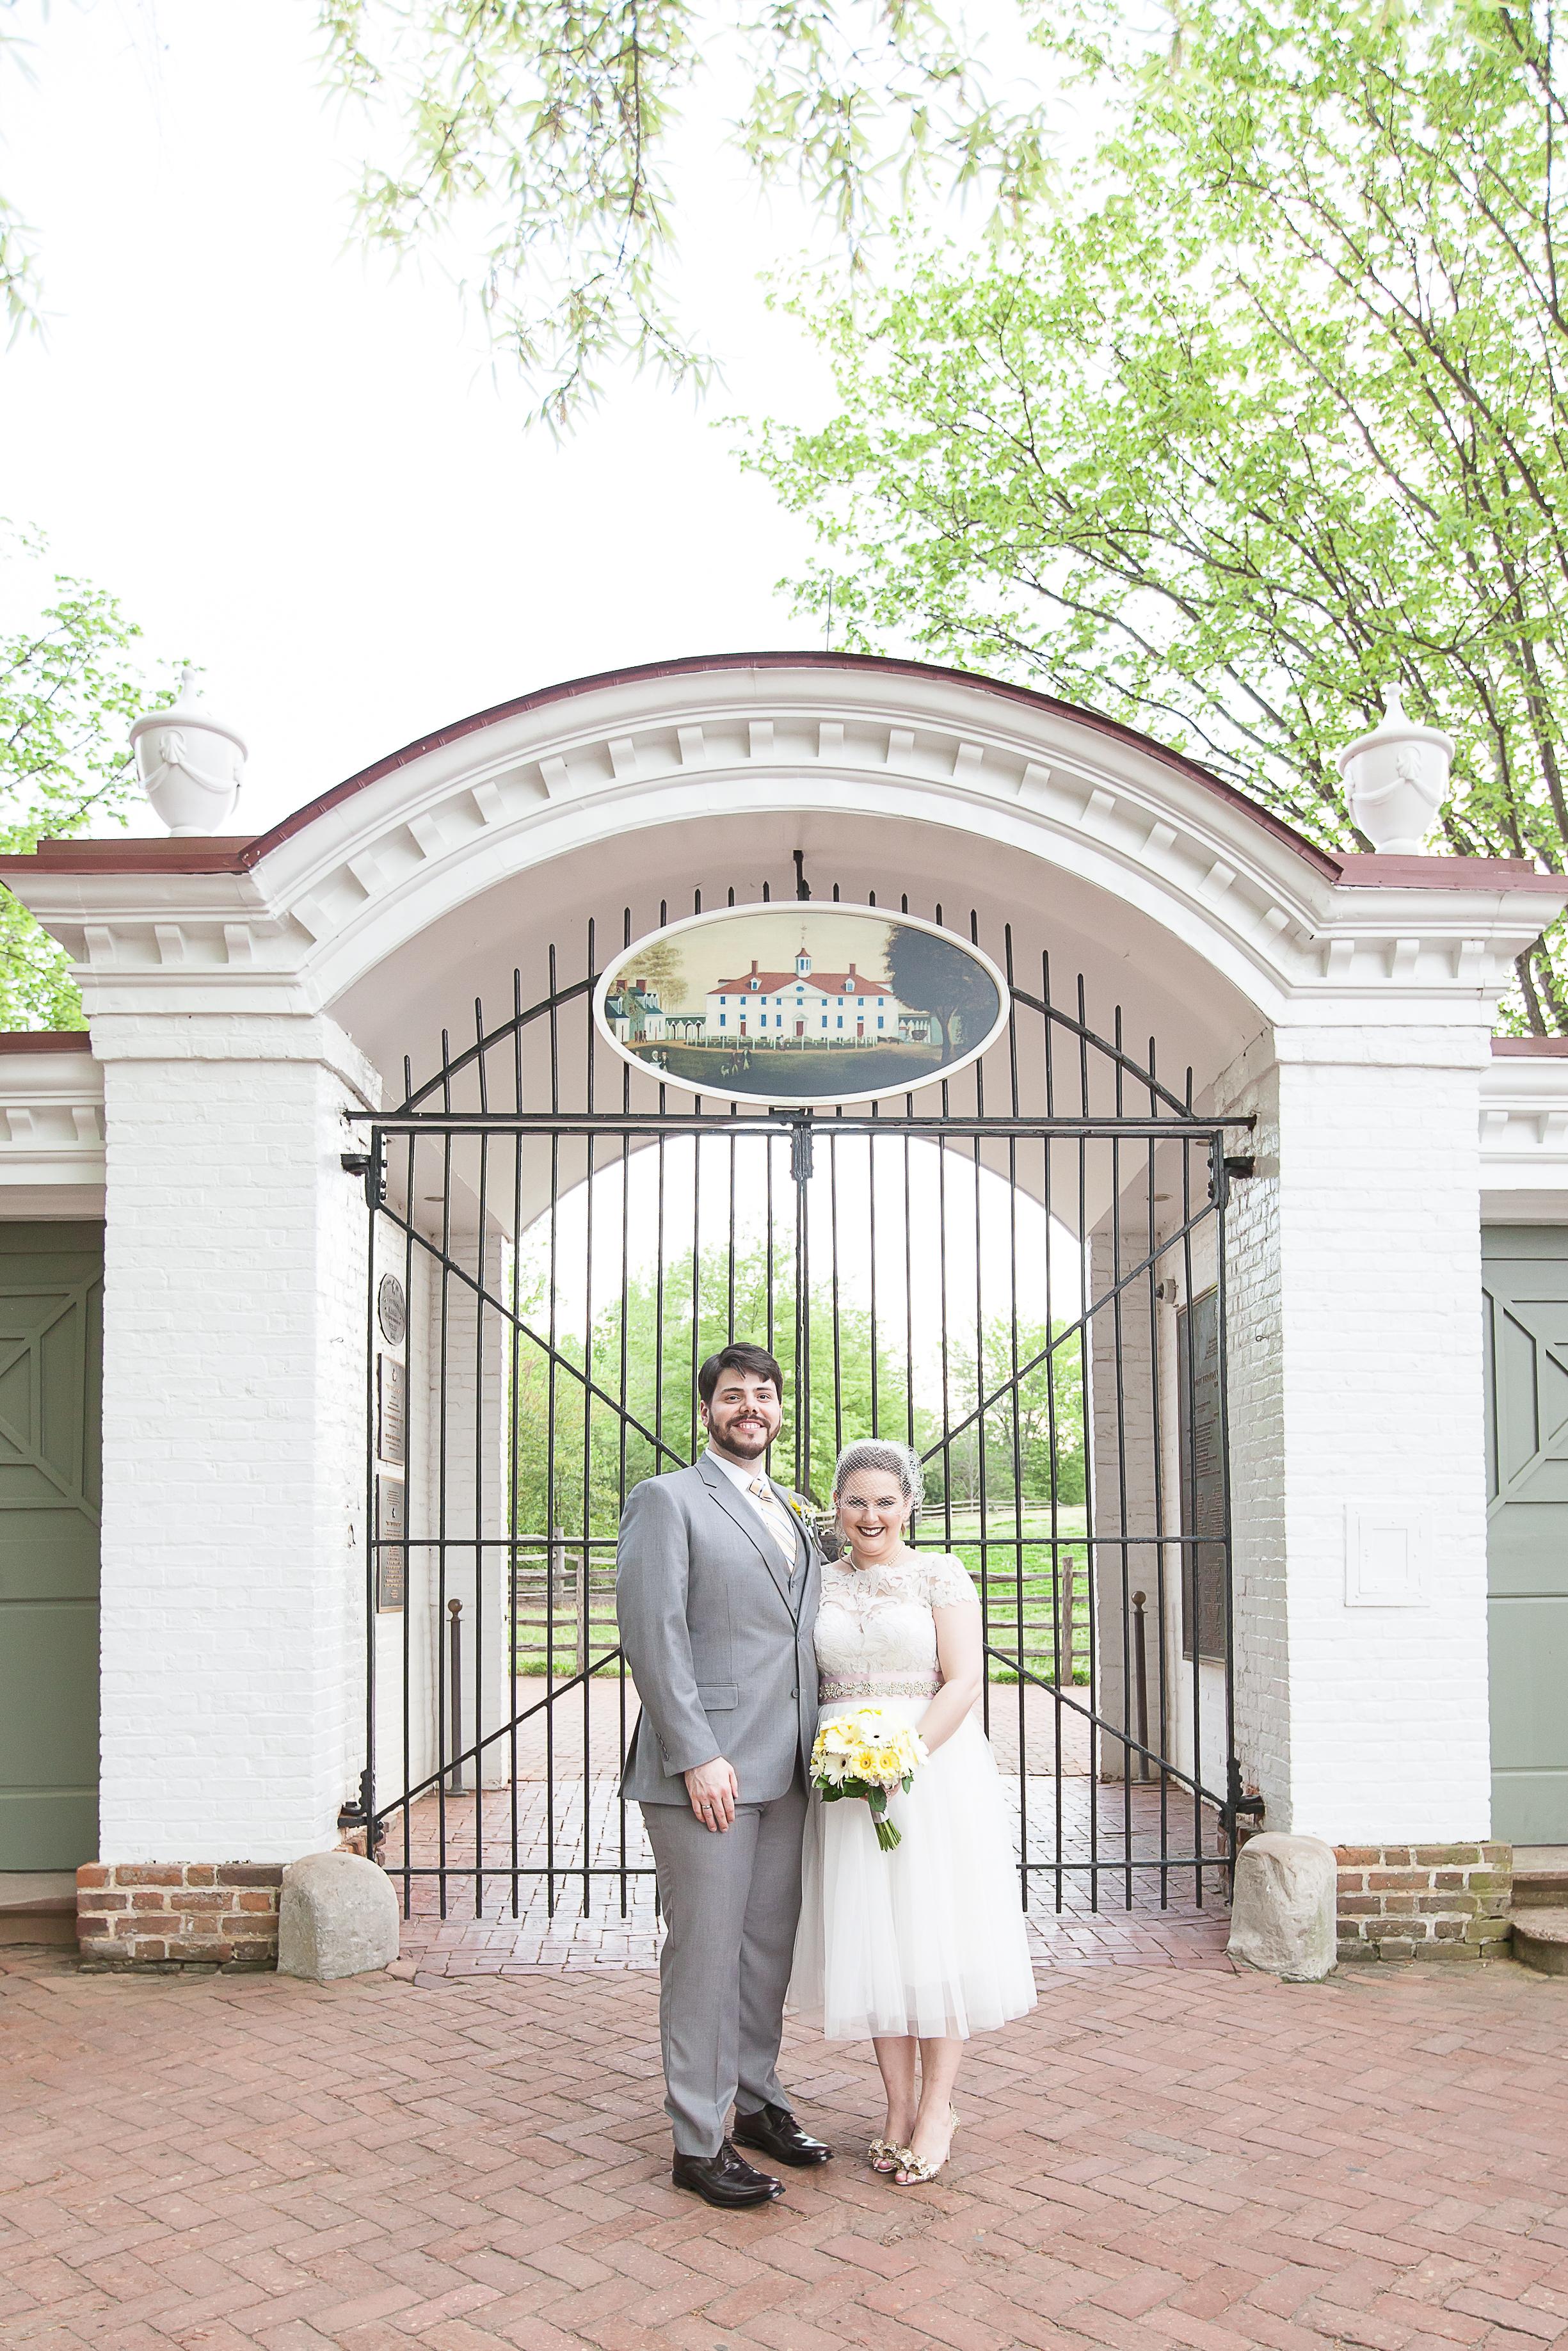 K-S-Wedding-Kim-Pham-Clark-Photography-283.jpg